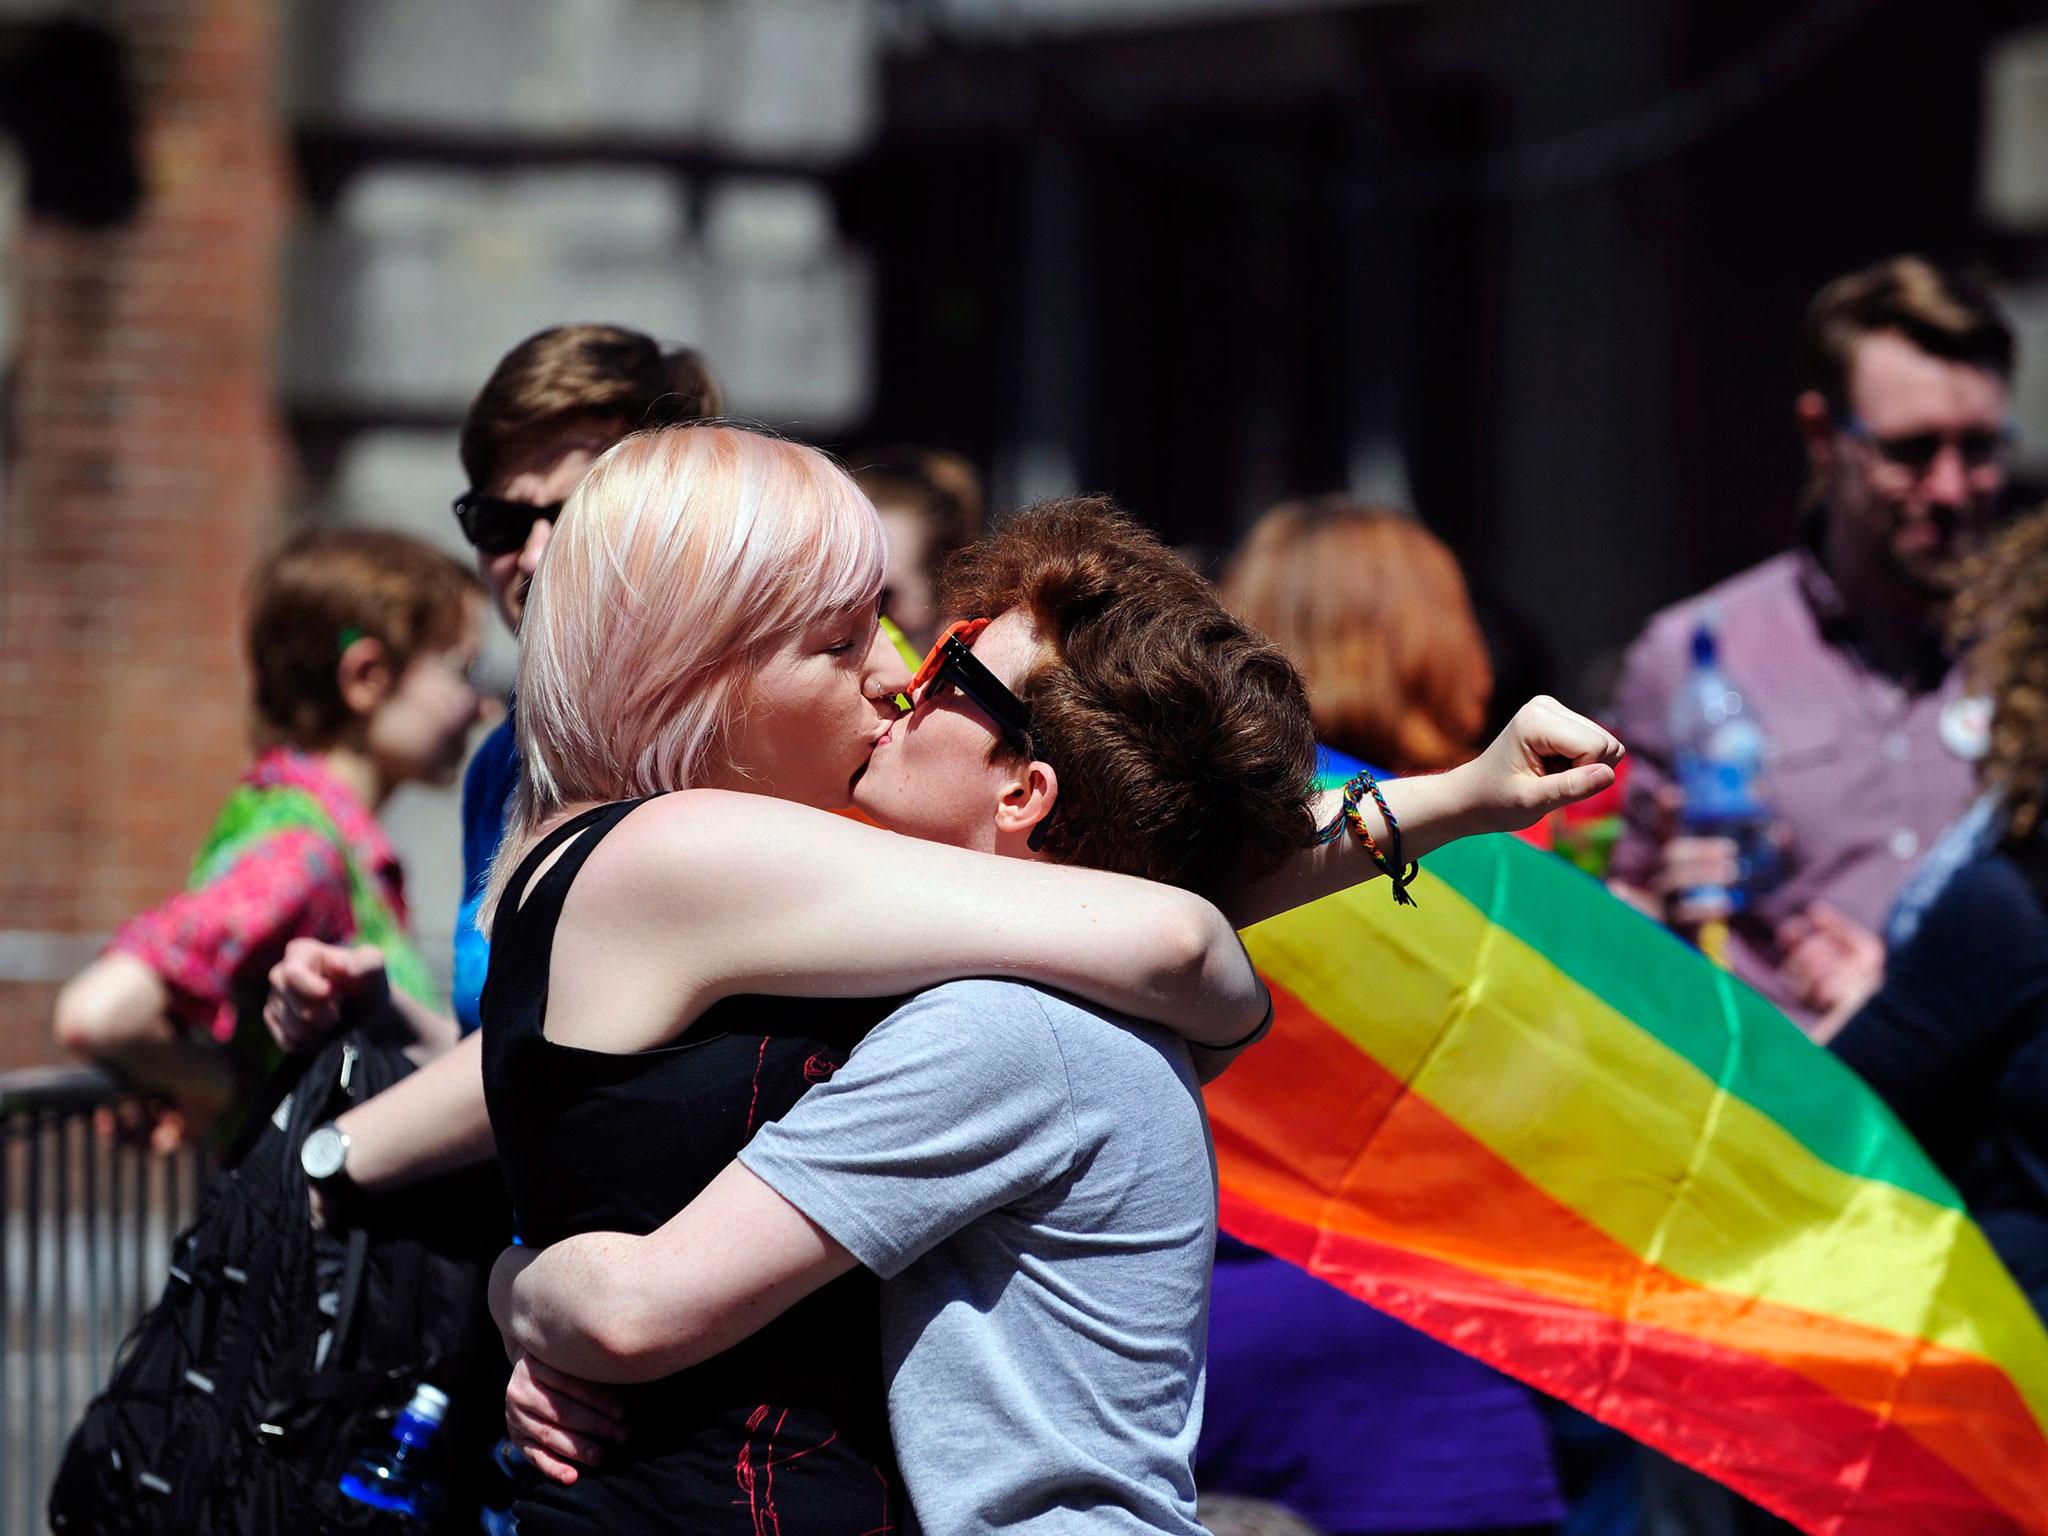 Avustralya Evlilik Eşitliği Referandumu, Haksız Şartlar Altında Gerçekleştirilecek!